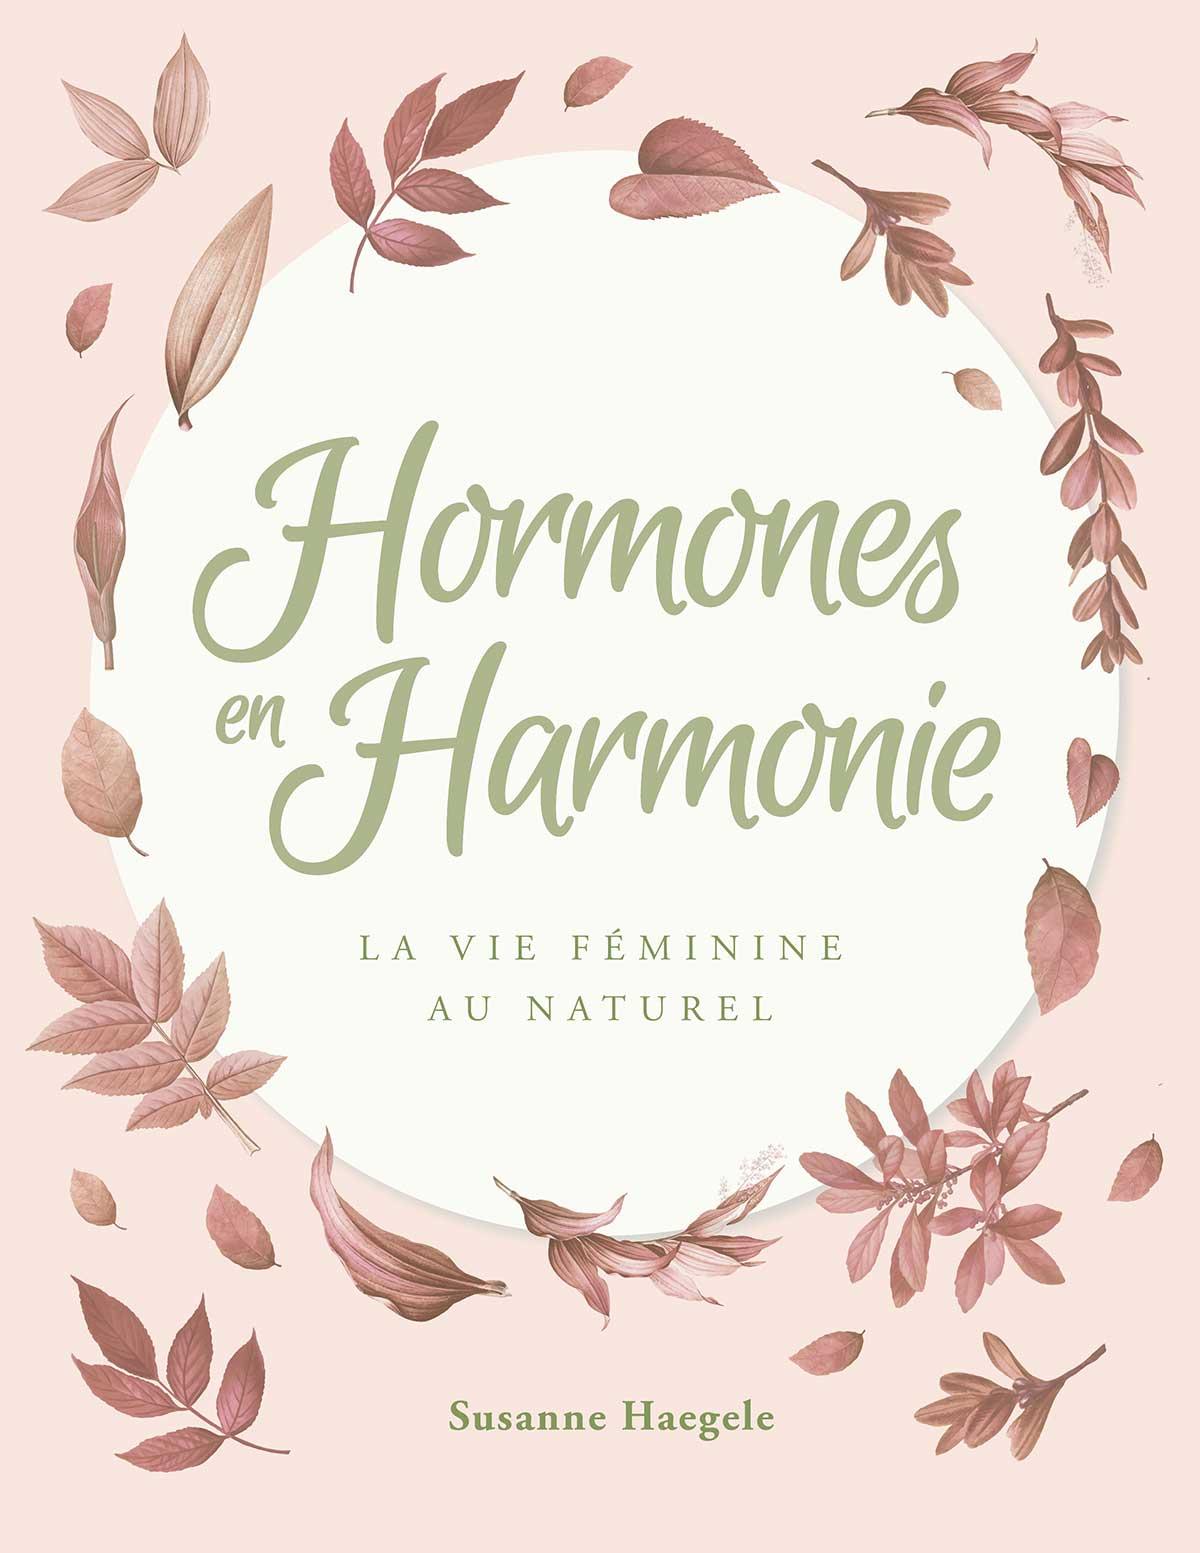 Susanne_Haegele_Hormones_en_Harmonie_couv.jpg